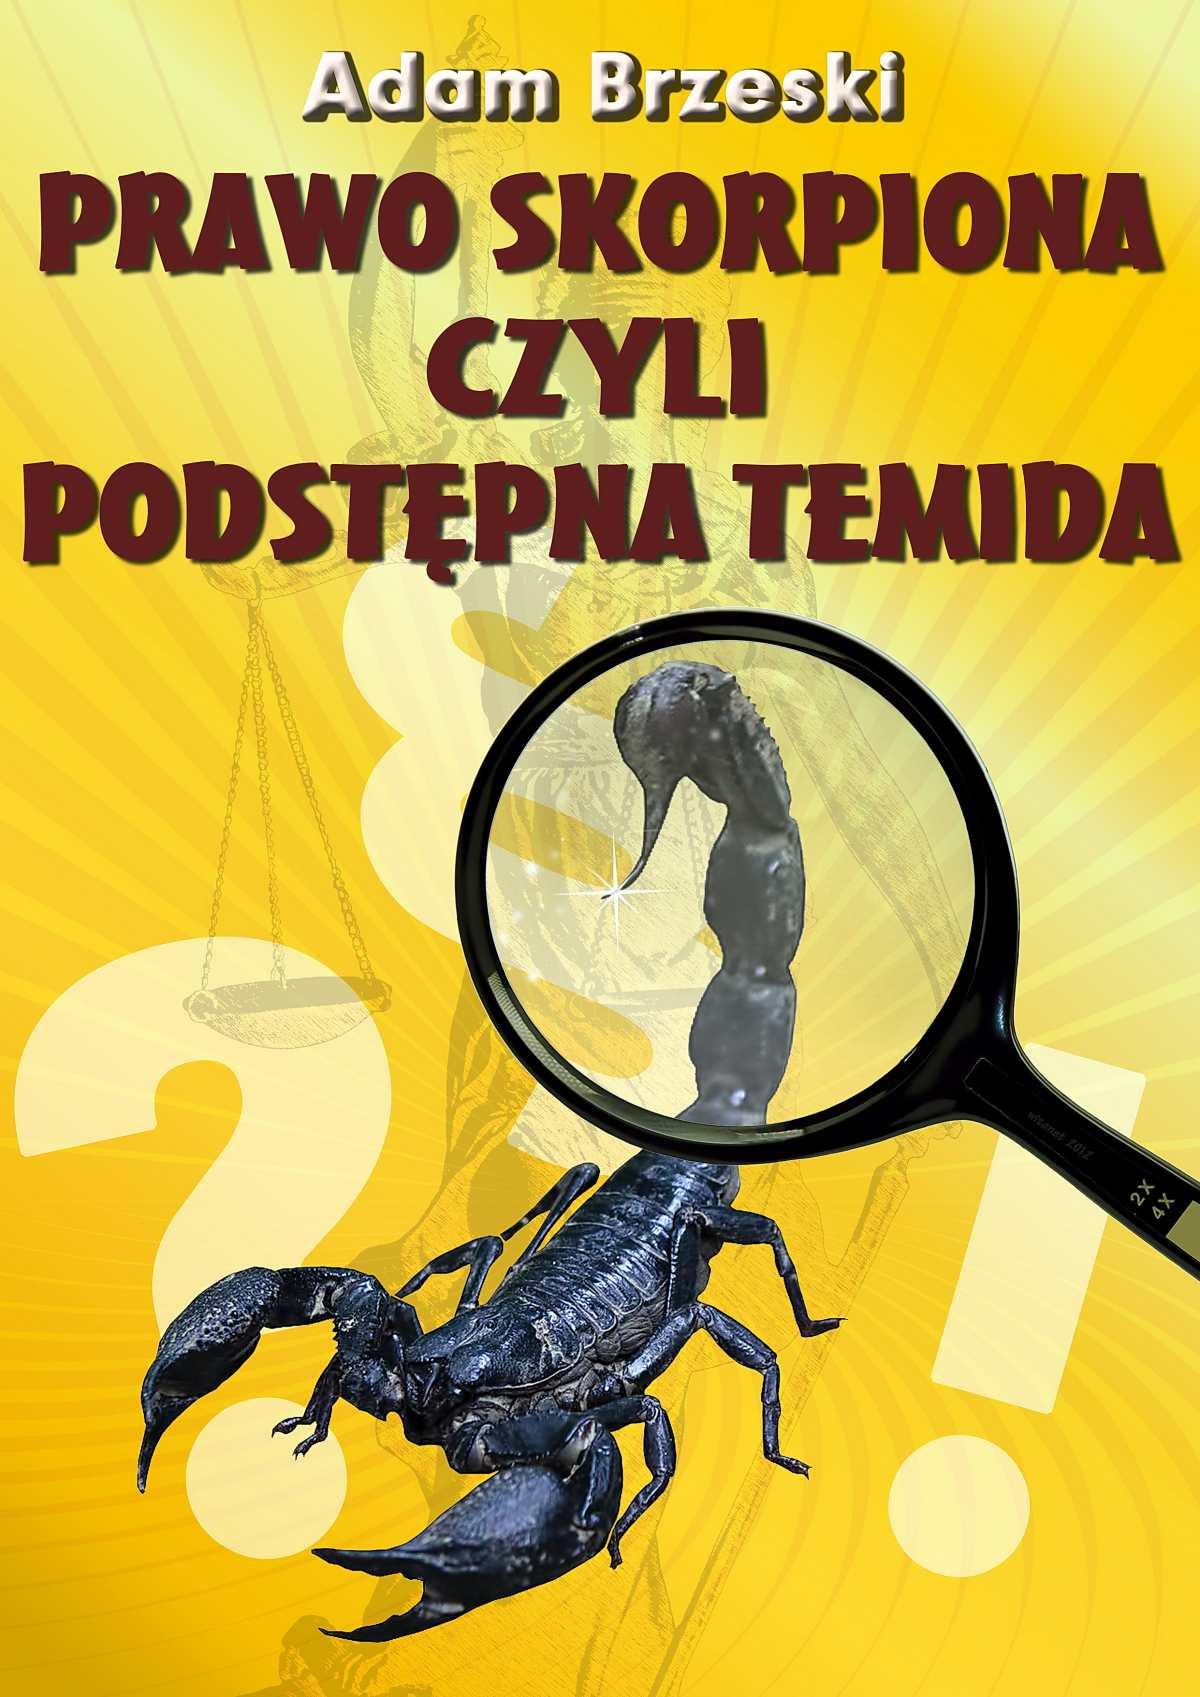 Prawo Skorpiona czyli podstępna Temida - Ebook (Książka na Kindle) do pobrania w formacie MOBI